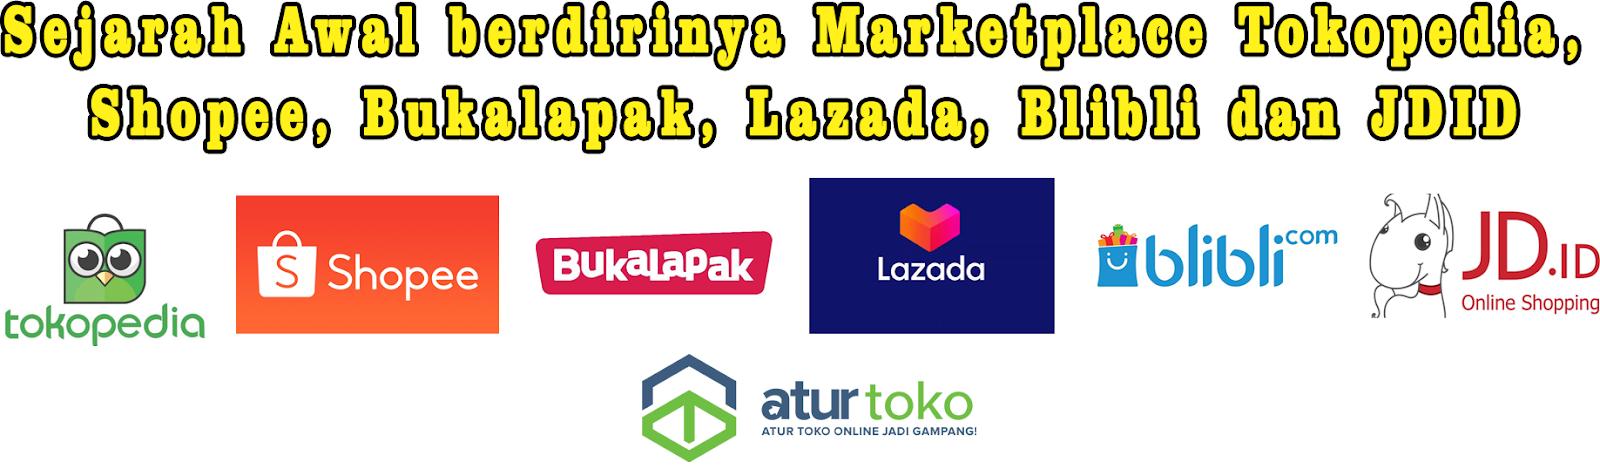 Sejarah Awal Berdirinya Marketplace Tokopedia Shopee Bukalapak Lazada Blibli Dan Jdid Teknologi Id